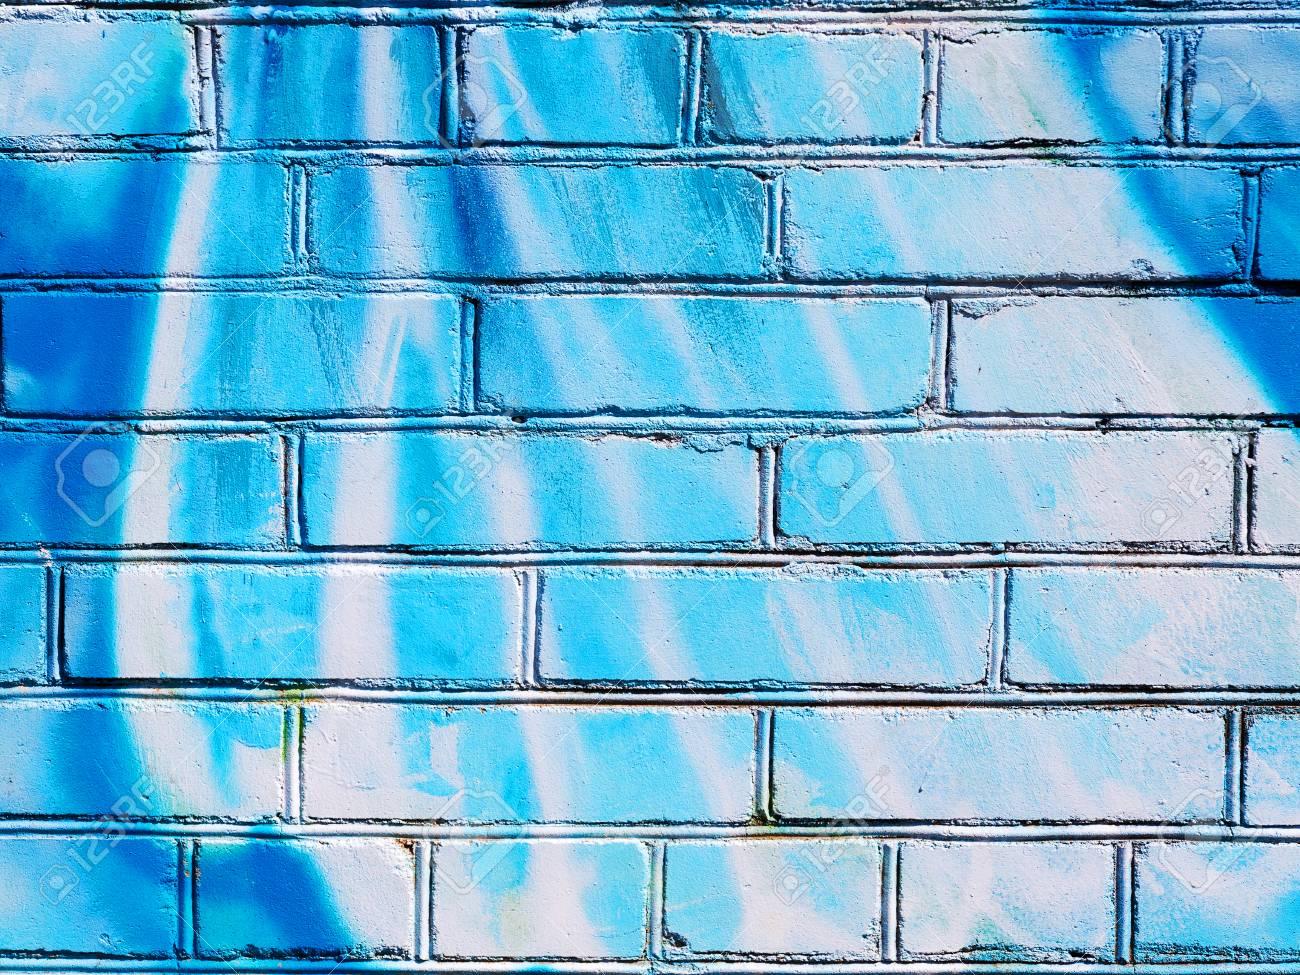 Peindre Sur Les Murs De Brique Mur De Brique éclaboussé De Peinture De Différentes Couleurs Vous Pouvez Utiliser Comme Arrière Plan